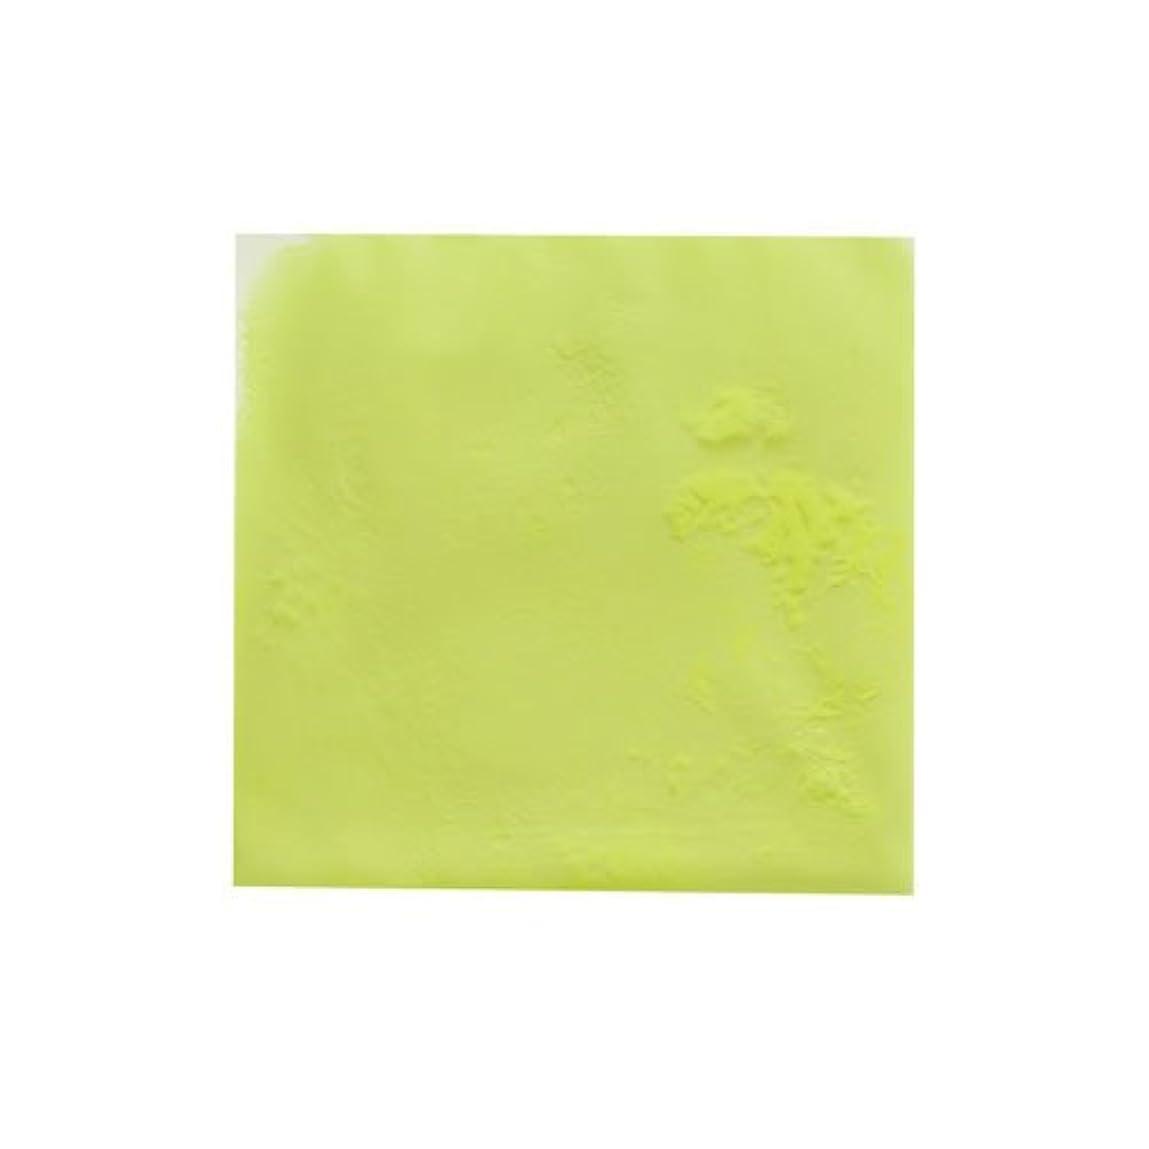 罰肘帽子ピカエース ネイル用パウダー ピカエース 夜光顔料 蓄光性 #105 レモン 3g アート材